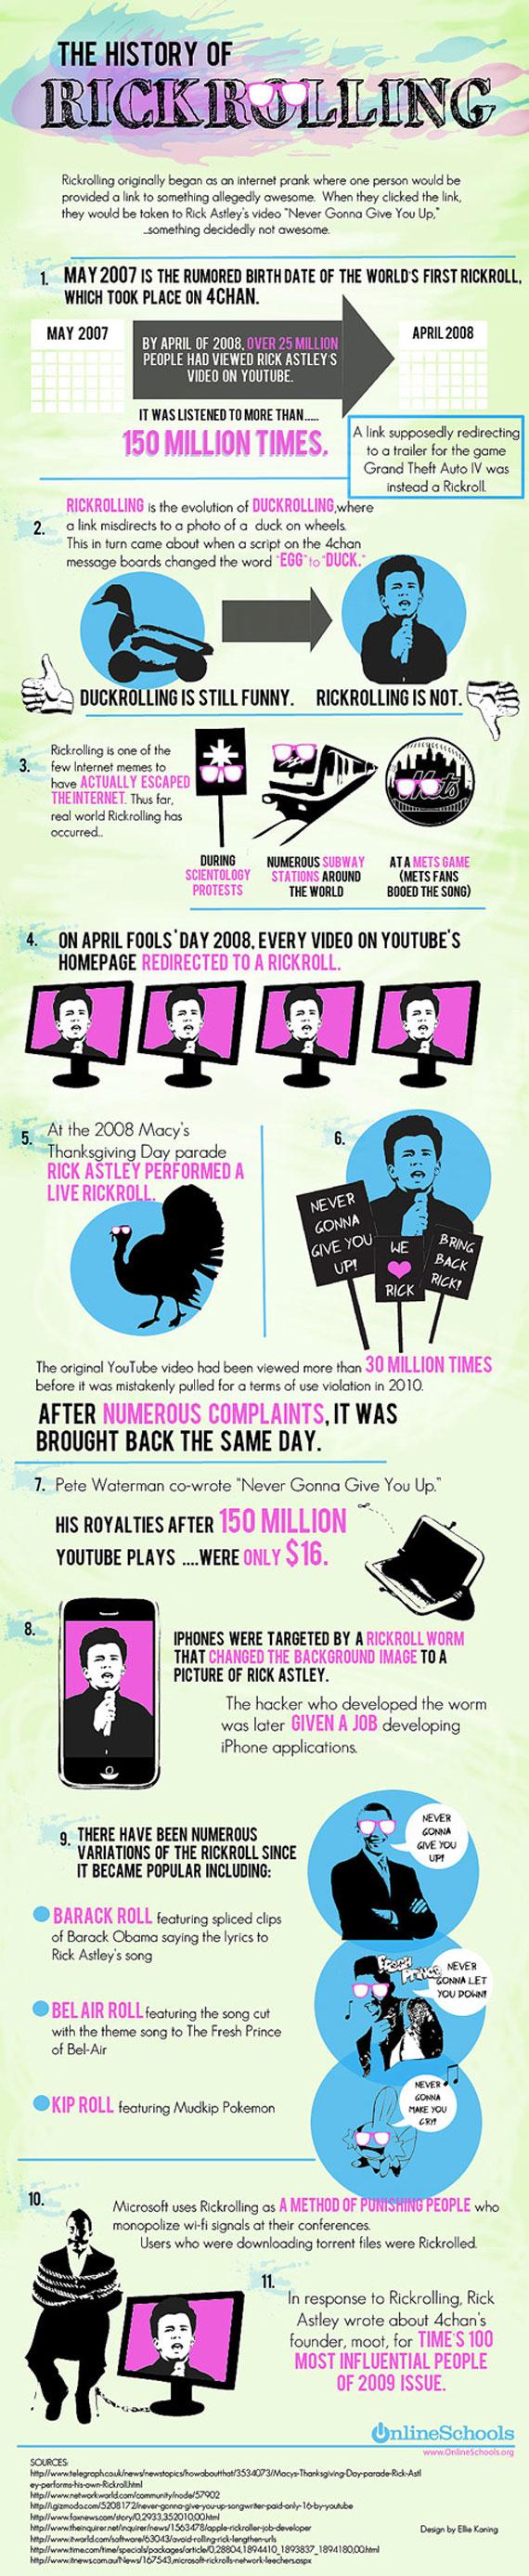 La historia del Rick-rolling [infografía]